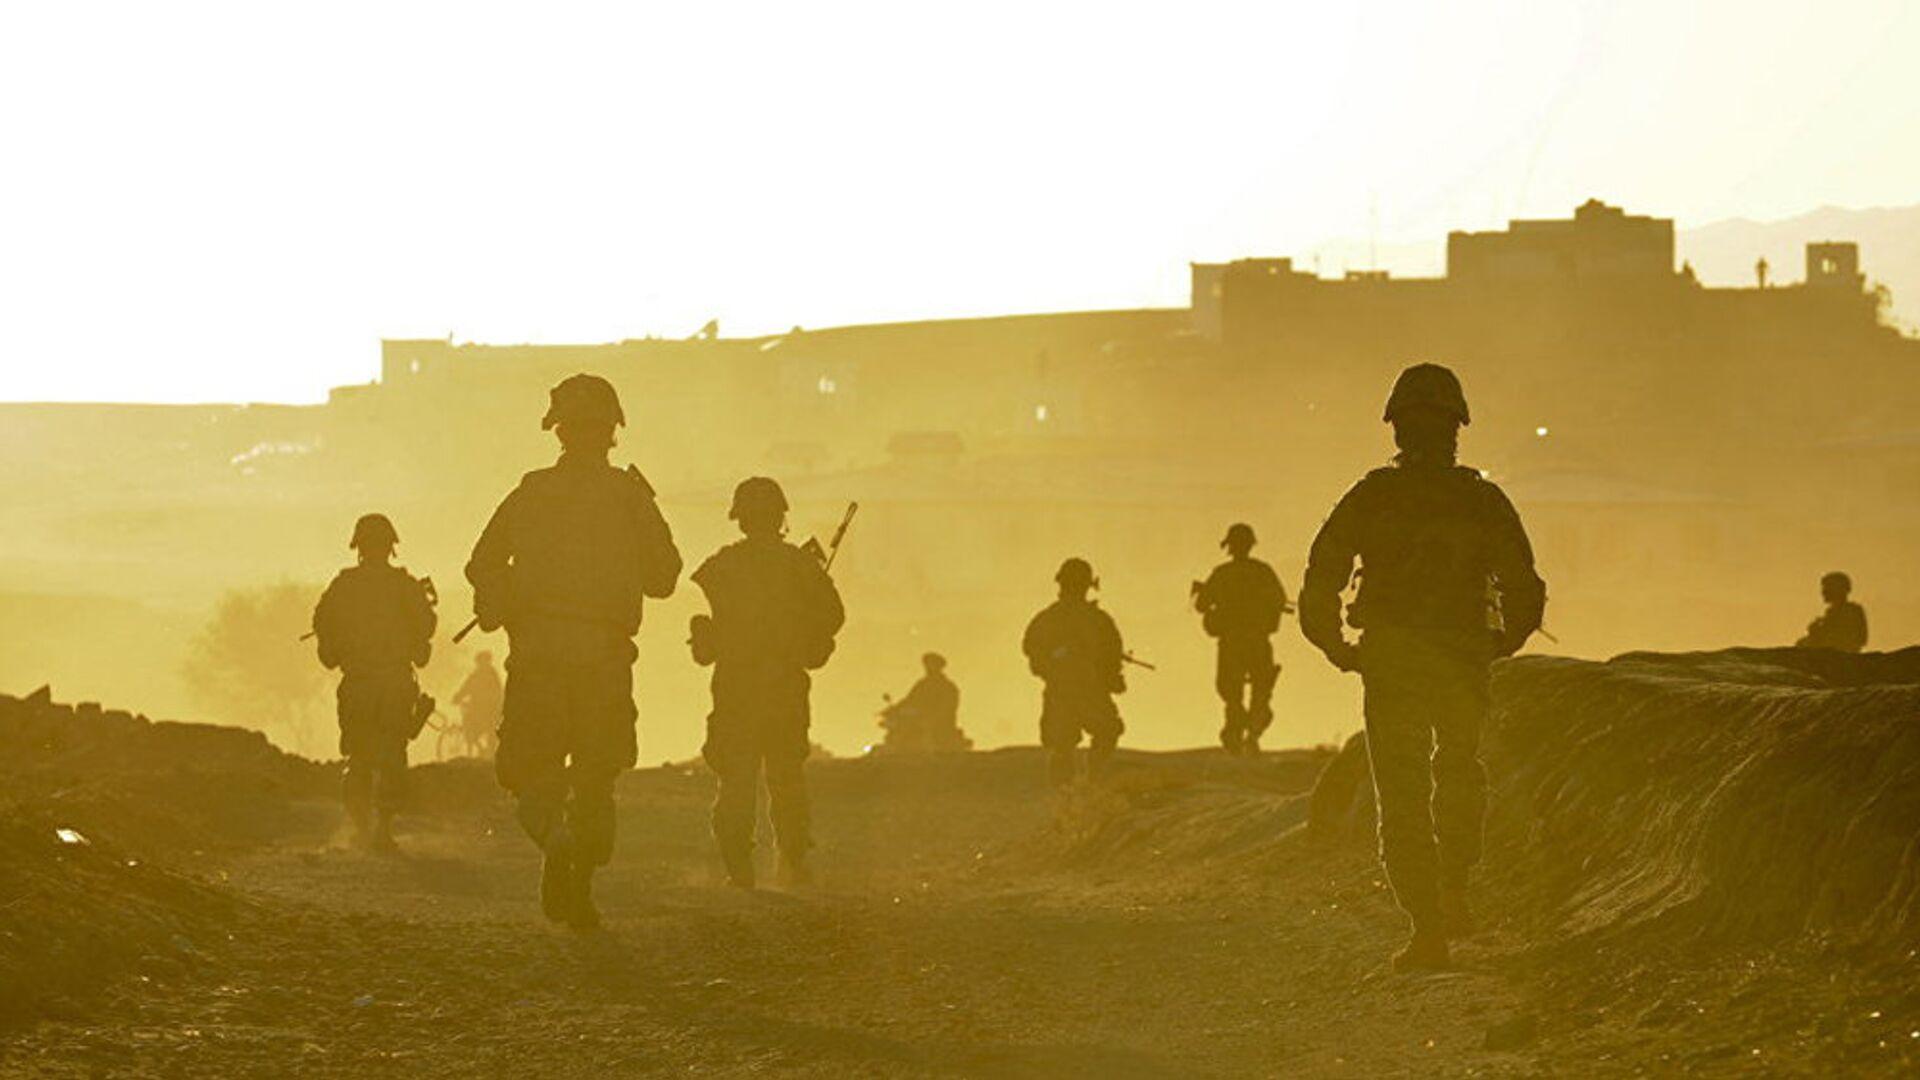 Американские военнослужащие в Афганистане - Sputnik Latvija, 1920, 12.05.2021